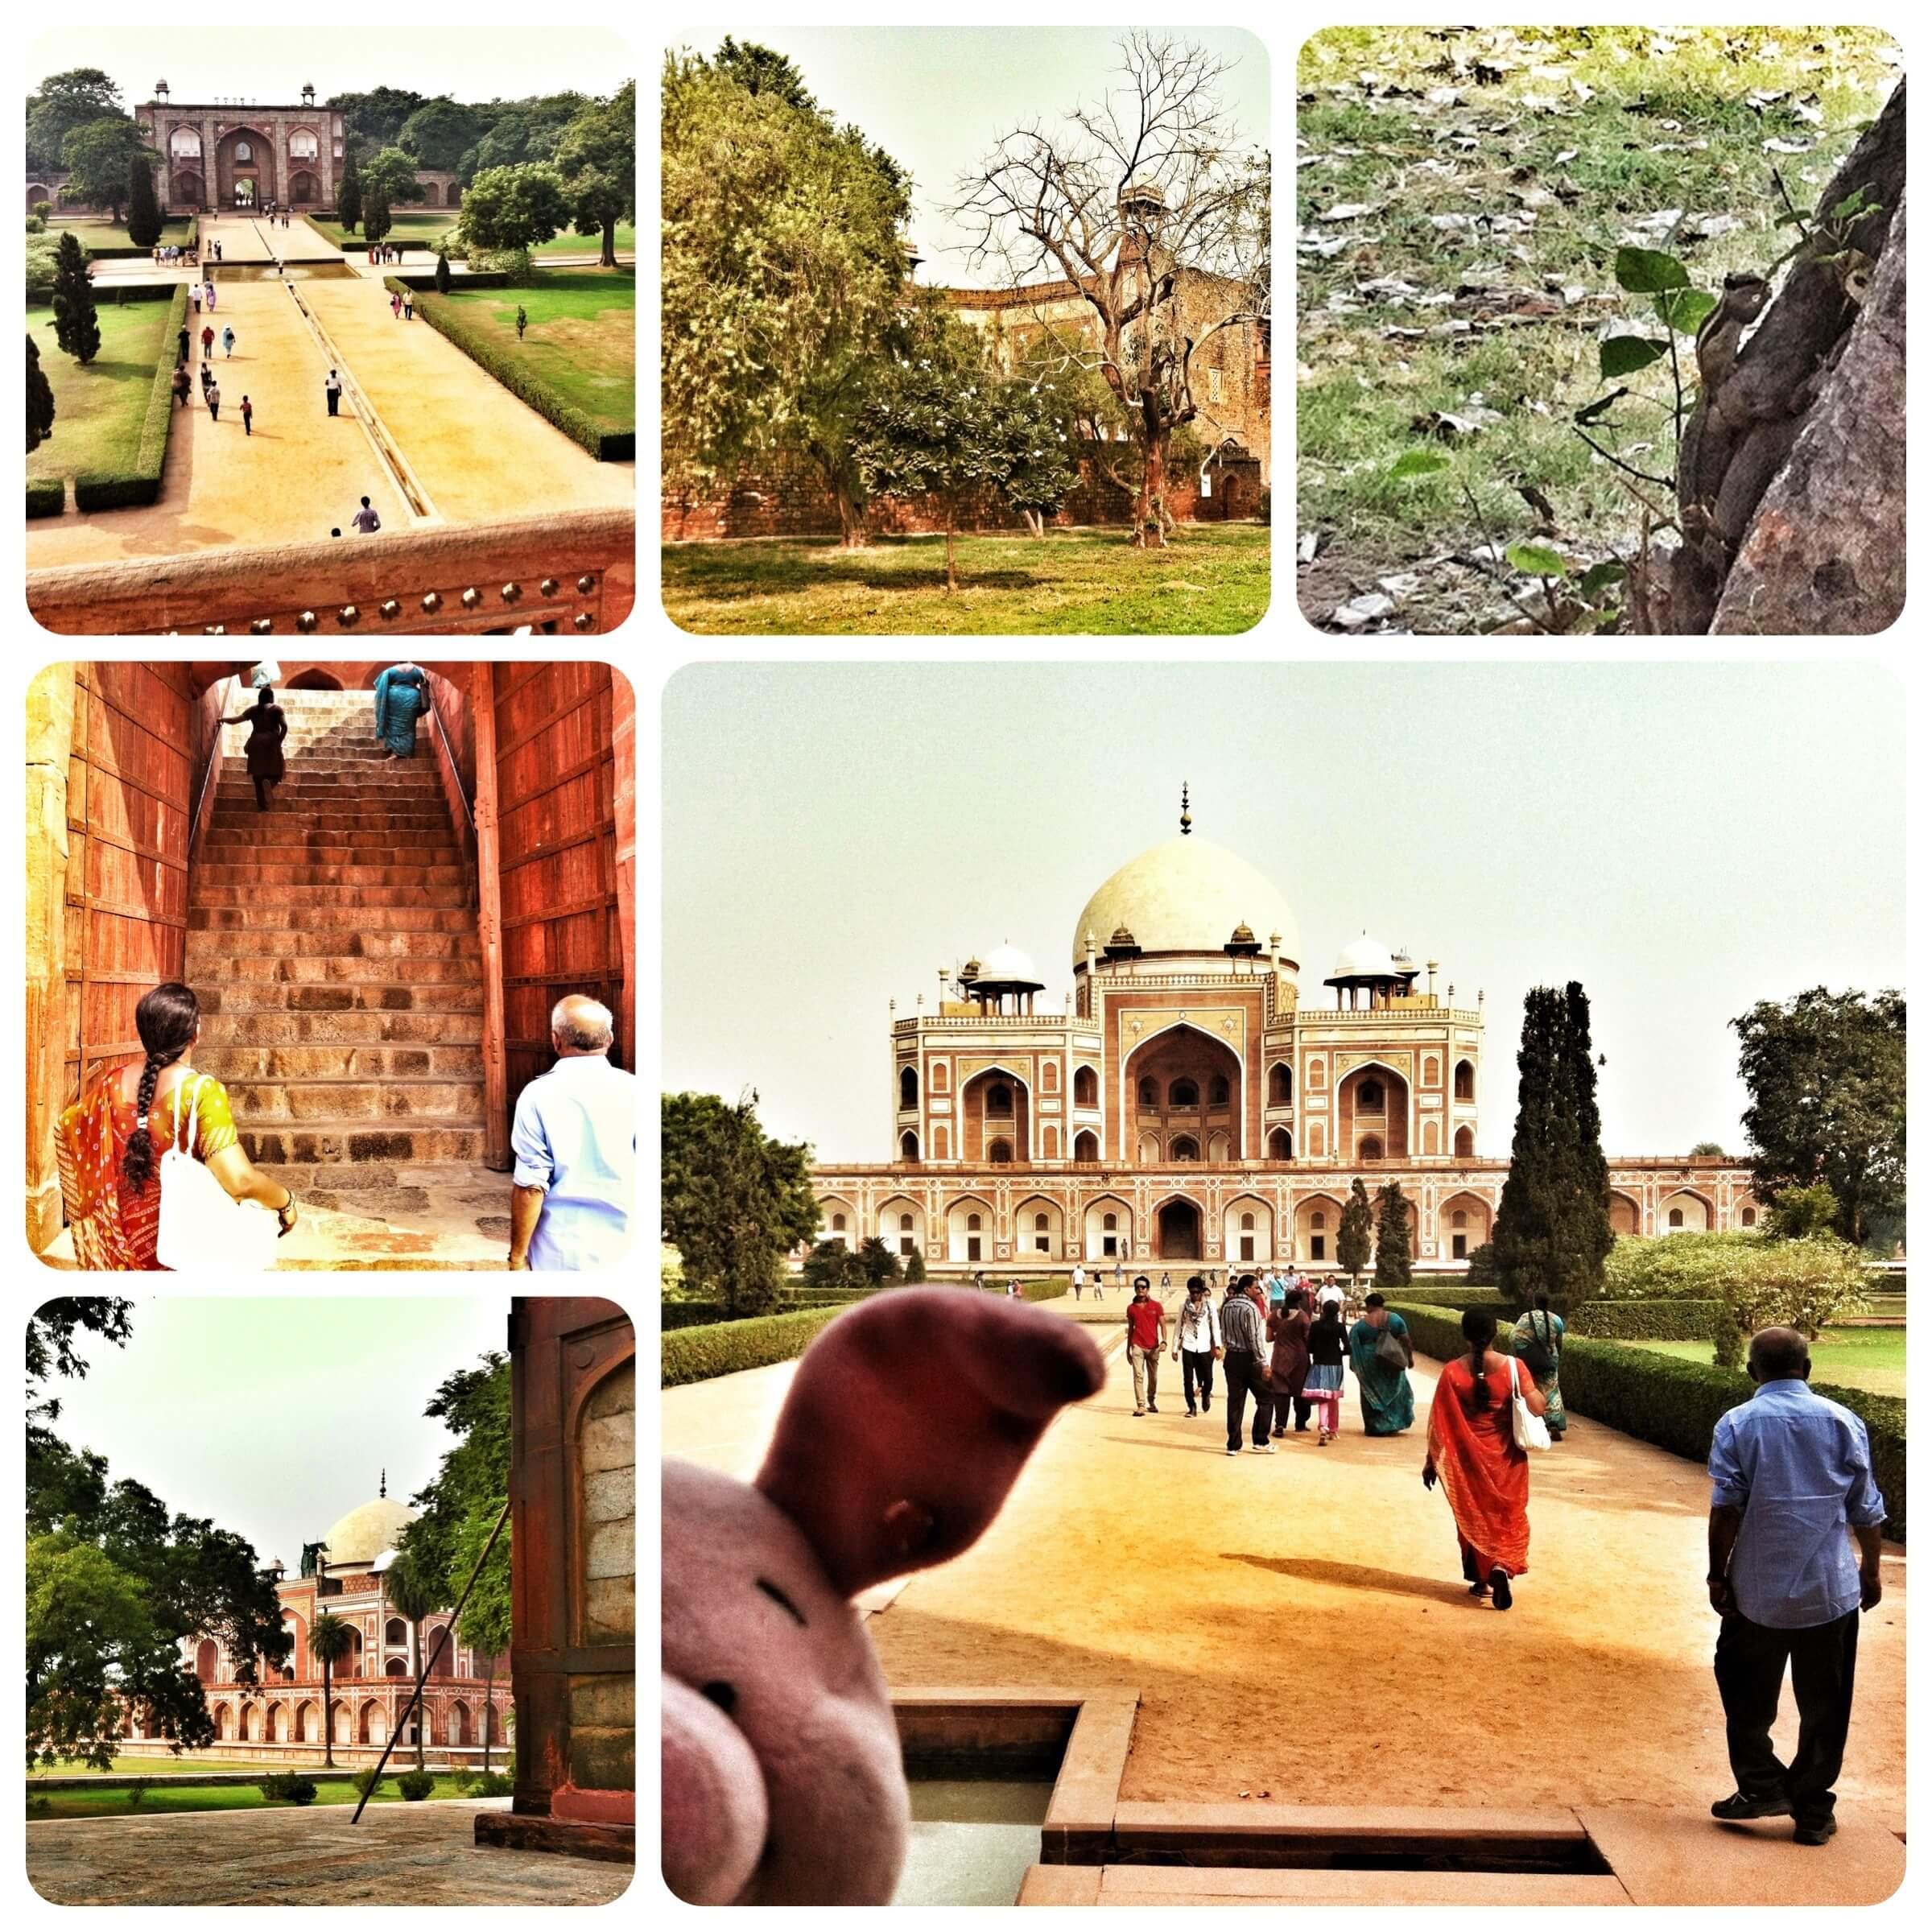 Impressionen vom Humayun-Mausoleum